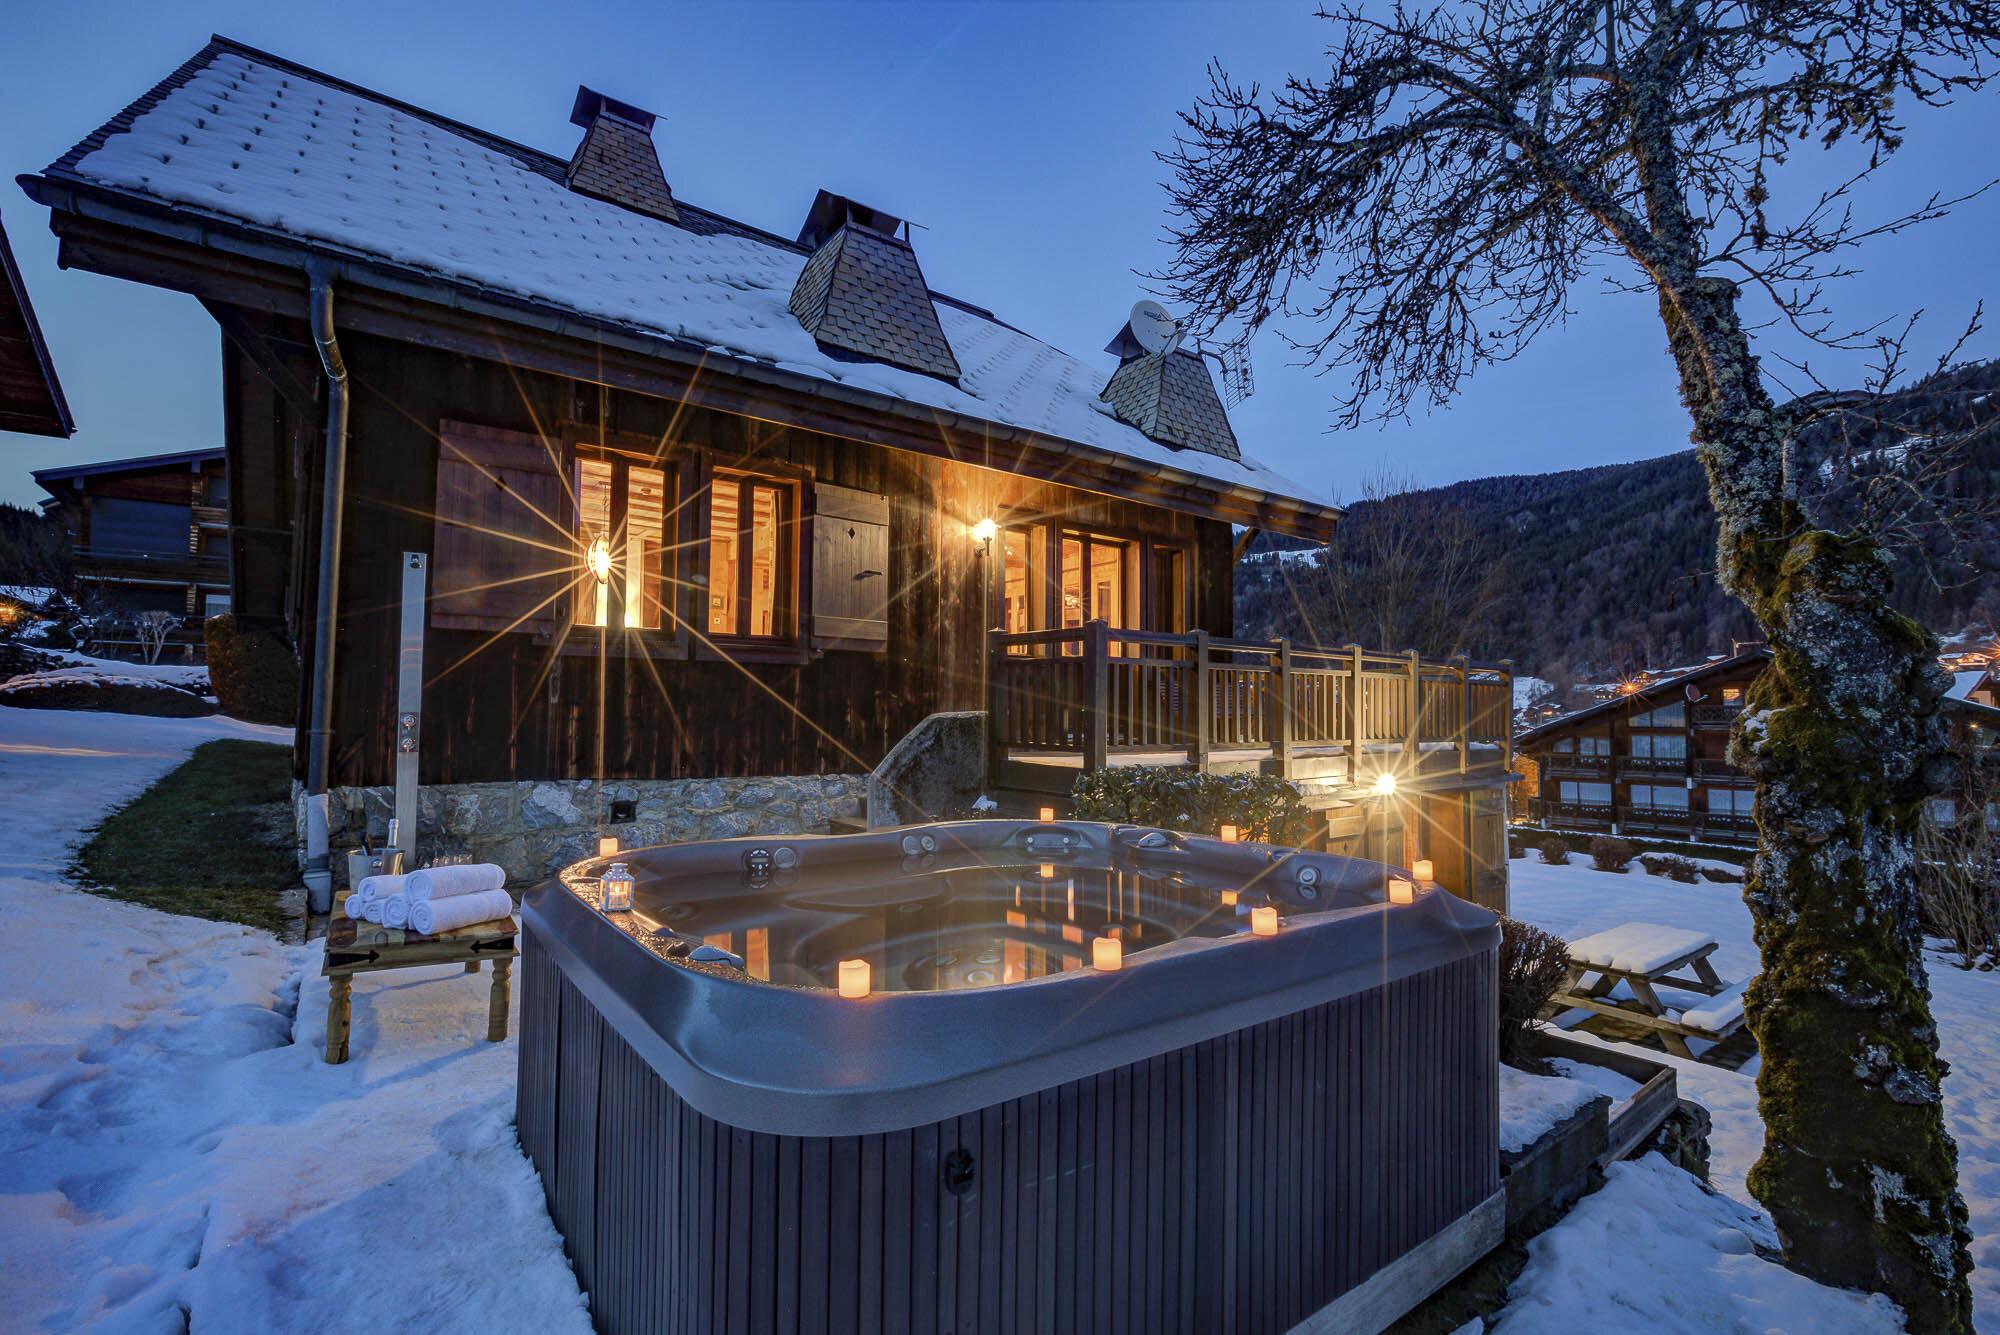 tg-ski-chalet-du-bois-morzine-019.jpg